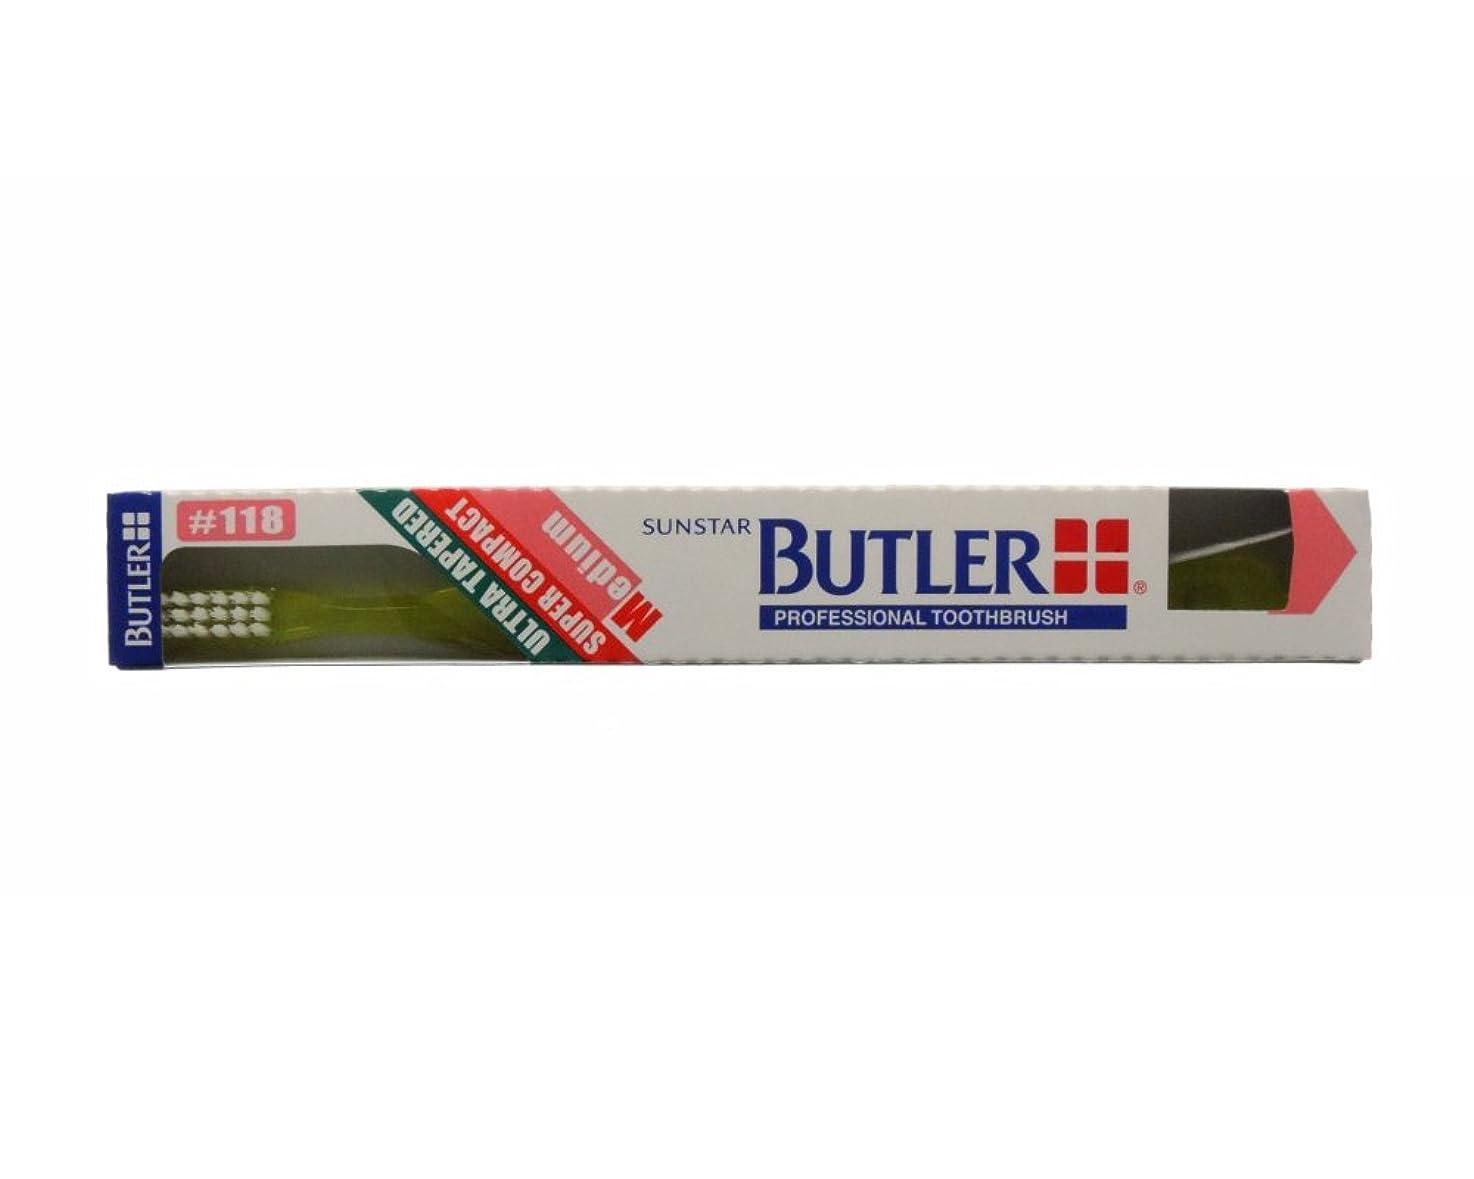 ウィンクモトリー折バトラー 歯ブラシ 1本 #118 イエロー